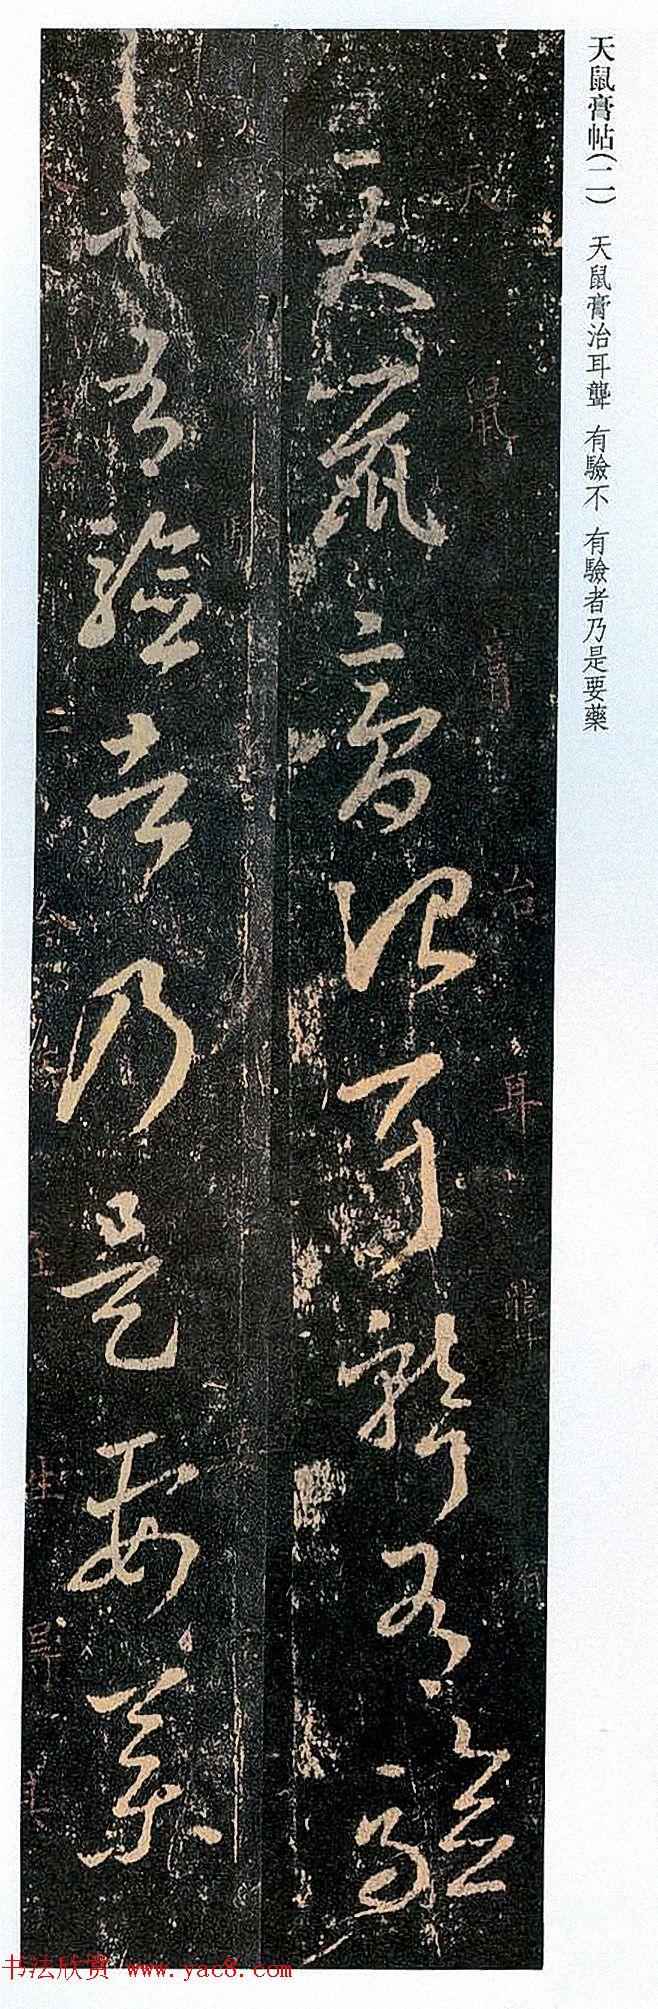 王羲之草书《天鼠帖》